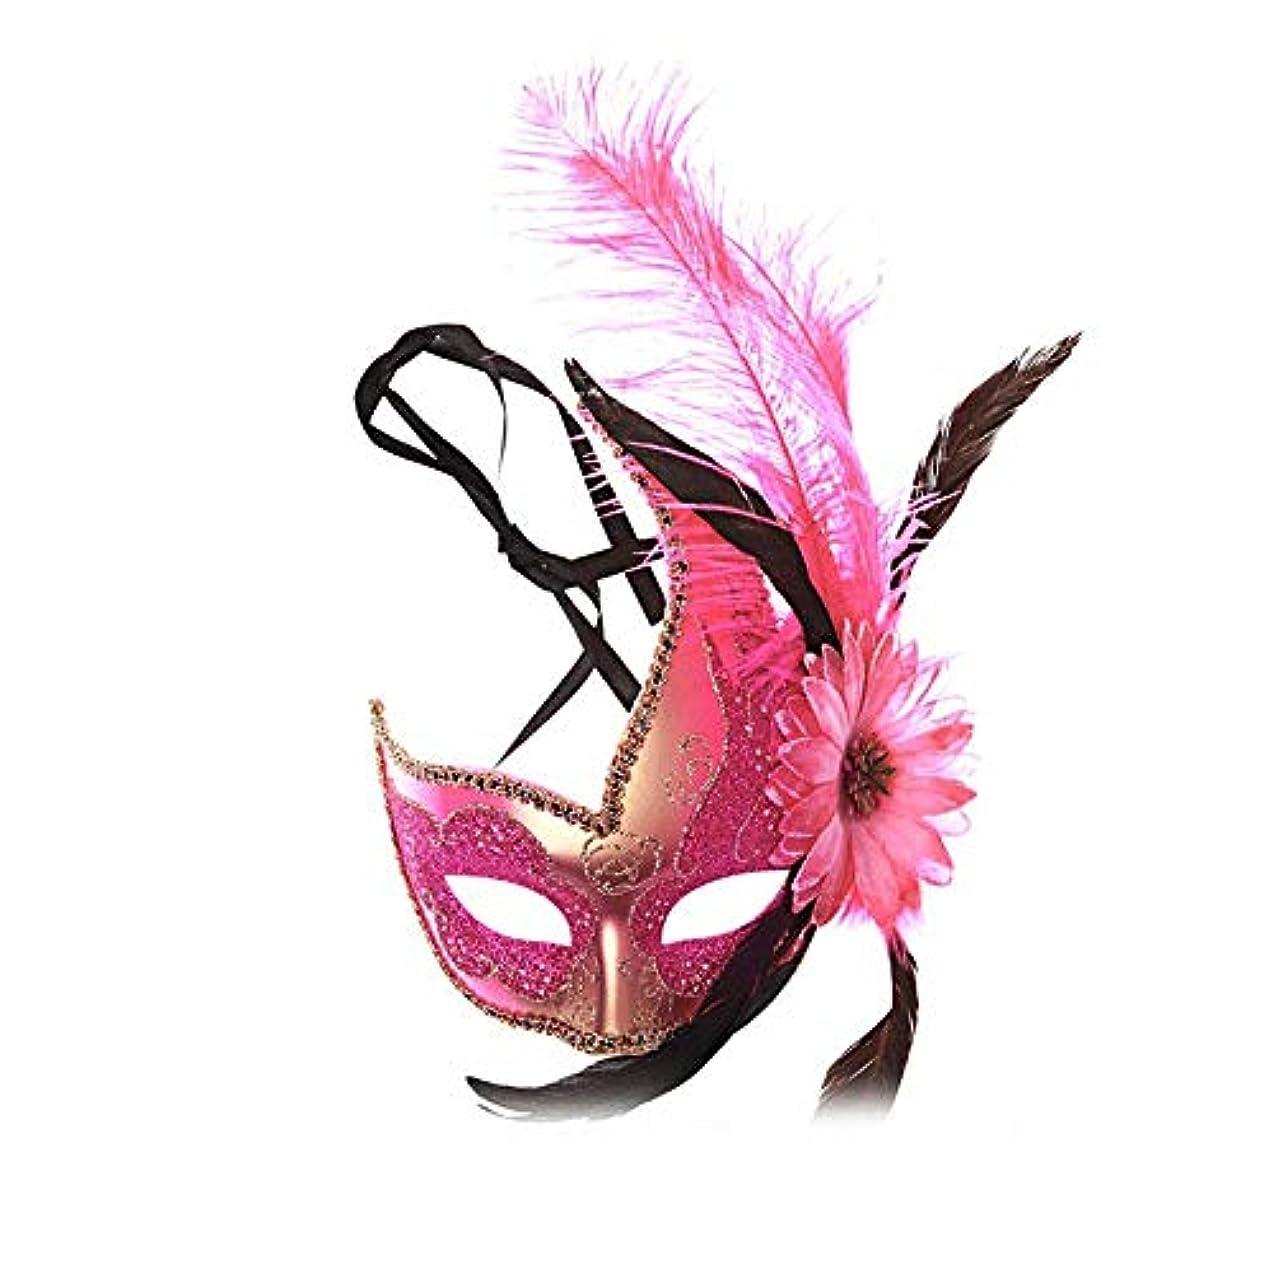 羽メタリック深くNanle ハロウィンマスクハーフフェザーマスクベニスプリンセスマスク美容レース仮面ライダーコスプレ (色 : Style B rose red)